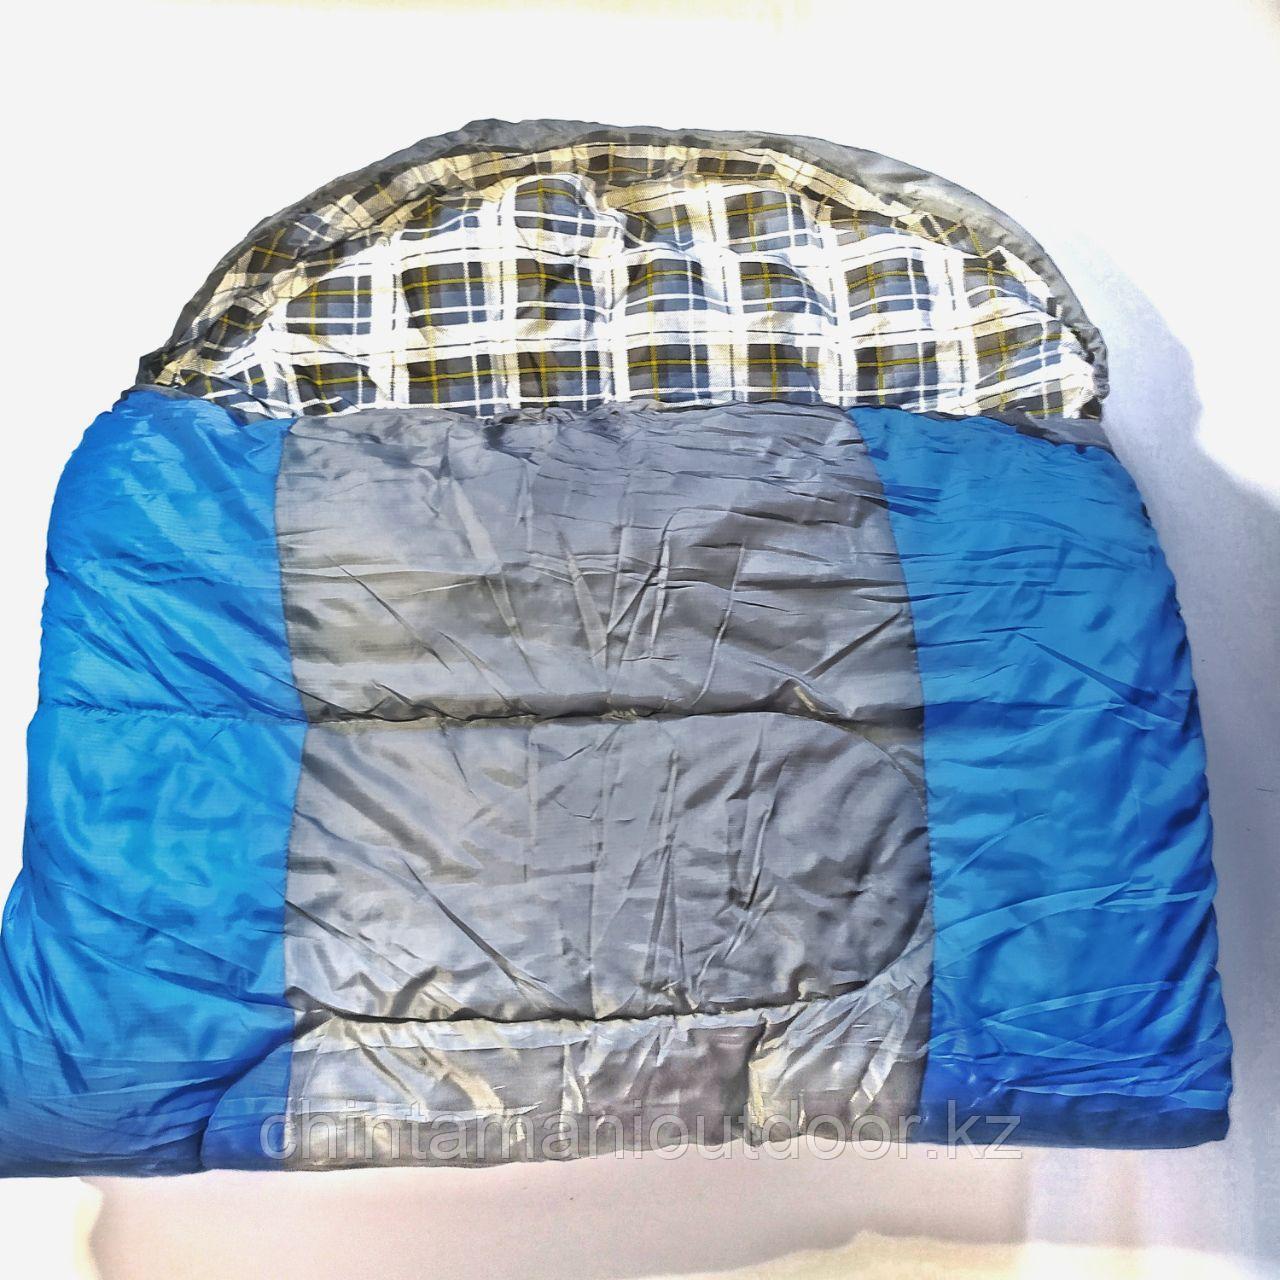 Спальный мешок зимний, шириной 1 м, качественный, новинка -25, -10, 0 - фото 1